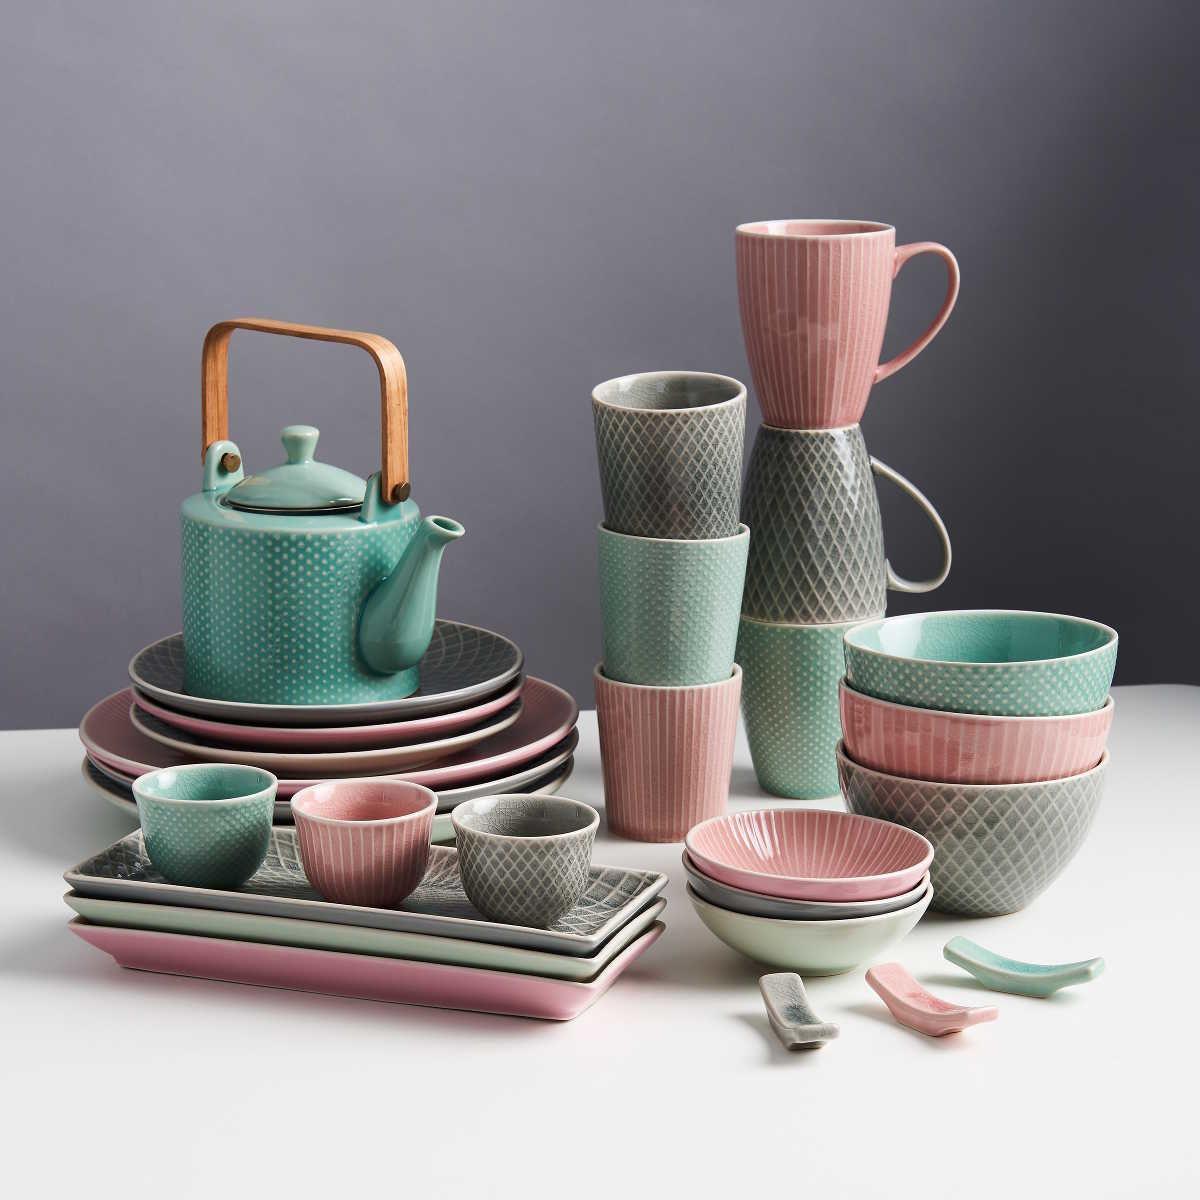 Bild 3 von Teekanne mit Holzgriff